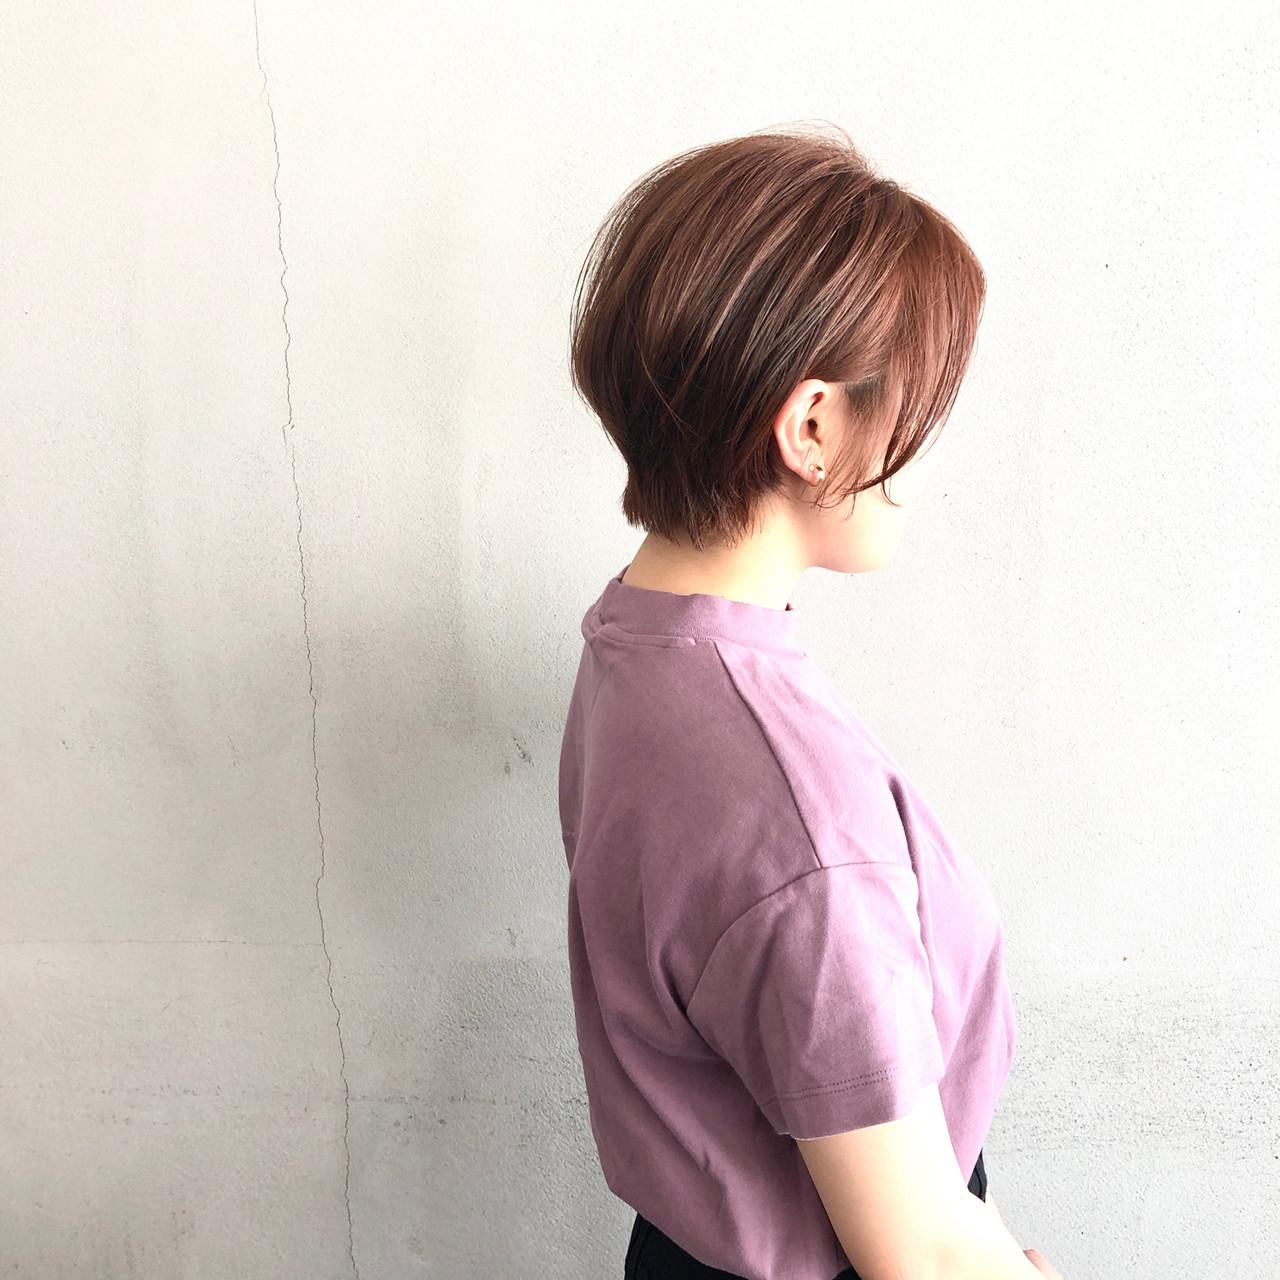 簡単スタイリング 小顔ショート 大人ショート ショート ヘアスタイルや髪型の写真・画像 | 葛西 祐介【#tag】 / #tag